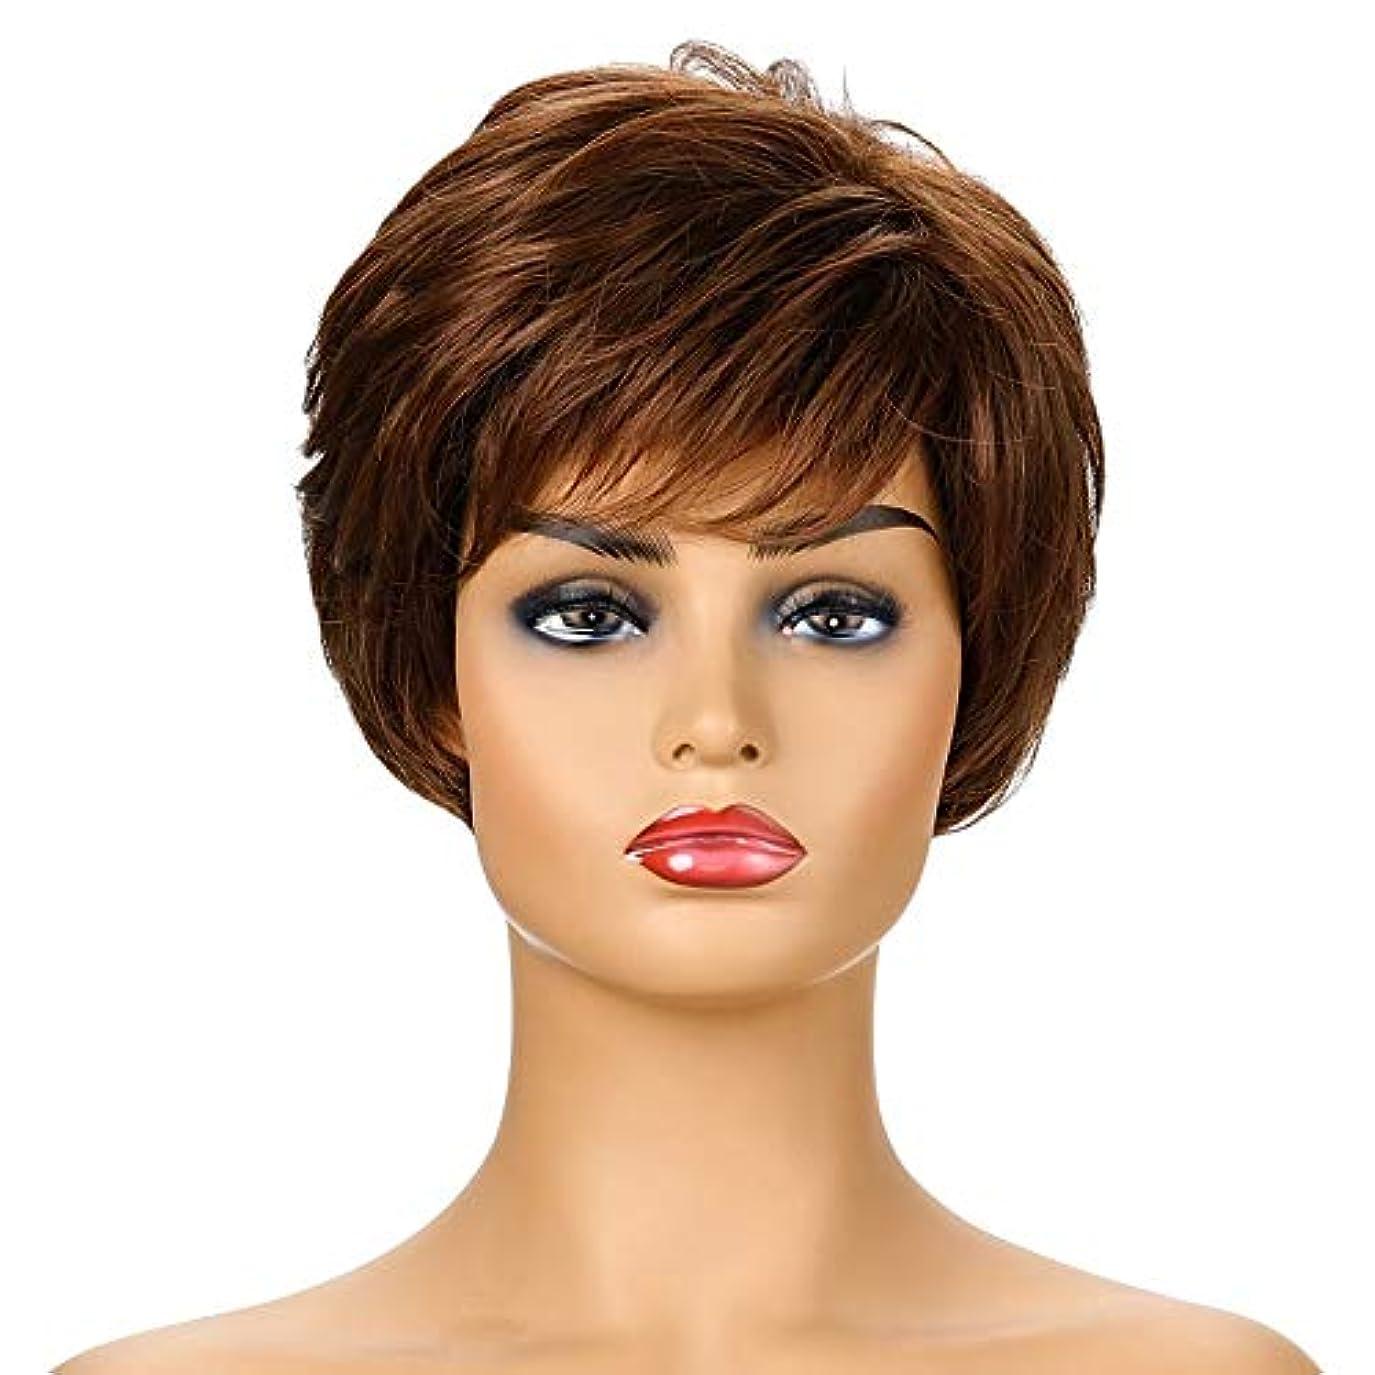 単独でビデオ料理女性の短い茶色の巻き毛のかつら、女性の側部のかつら、黒人女性のための自然なかつら、合成衣装ハロウィンコスプレパーティーウィッグ(ウィッグキャップ付き)